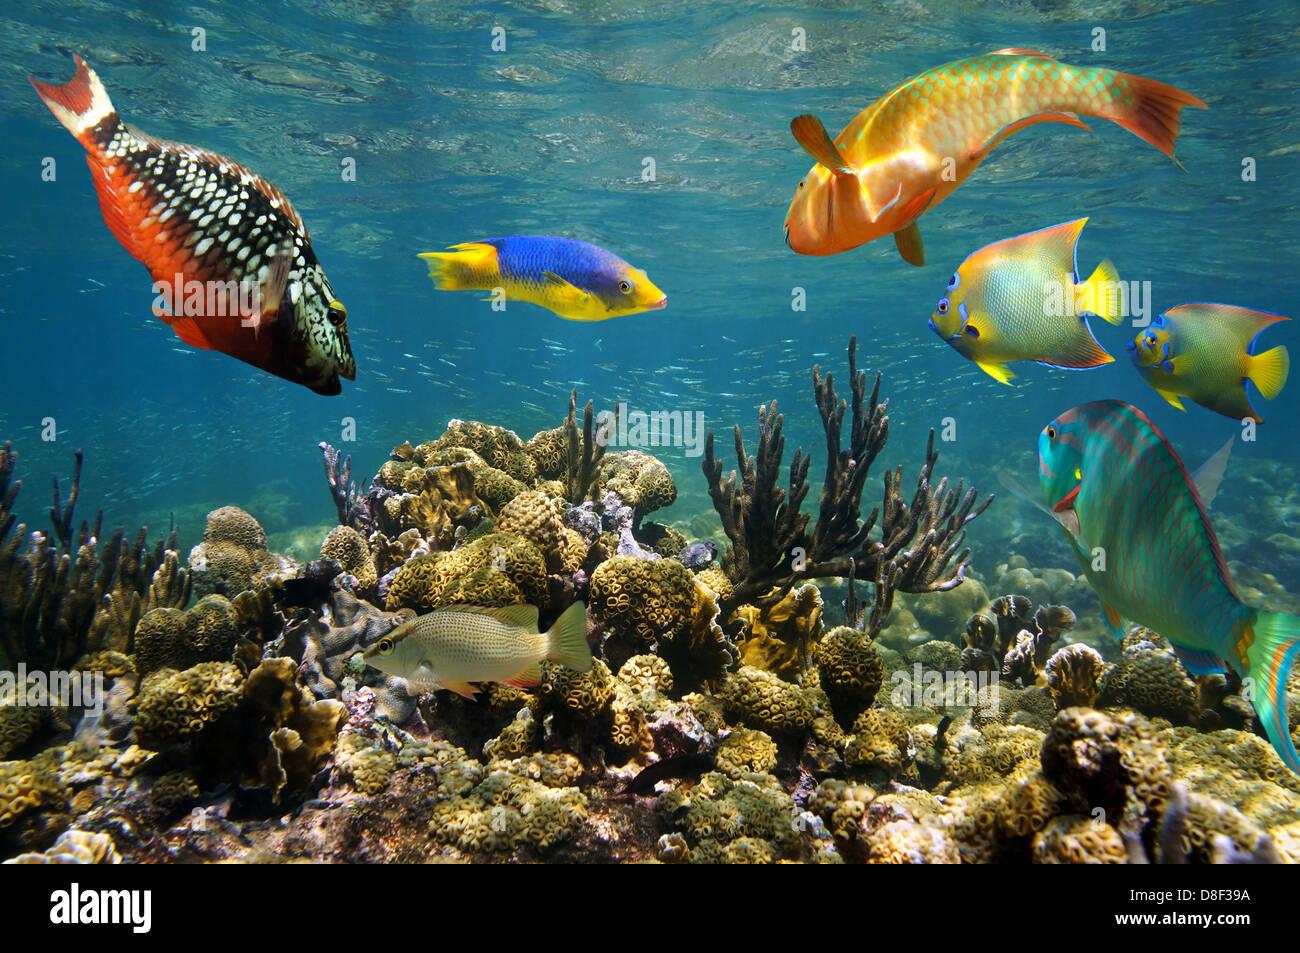 Arrecifes de coral sanos con coloridos peces justo debajo de la superficie del agua, mar Caribe Imagen De Stock